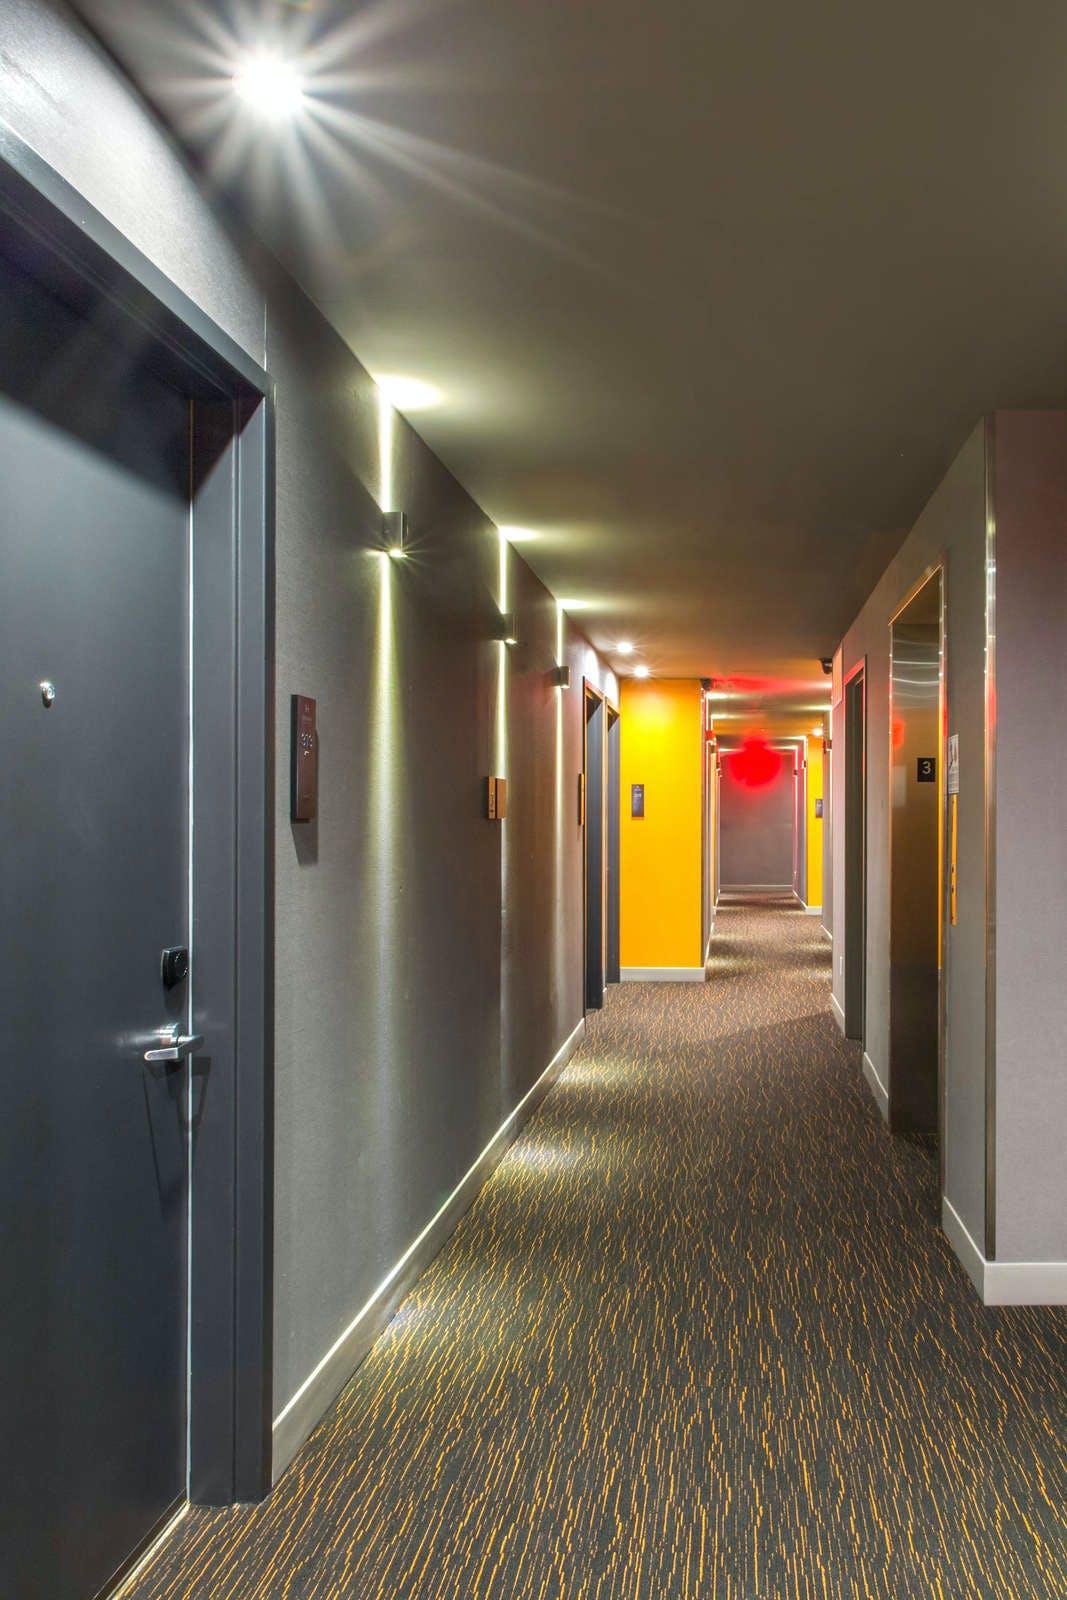 Insignia Hotel, An Ascend Hotel